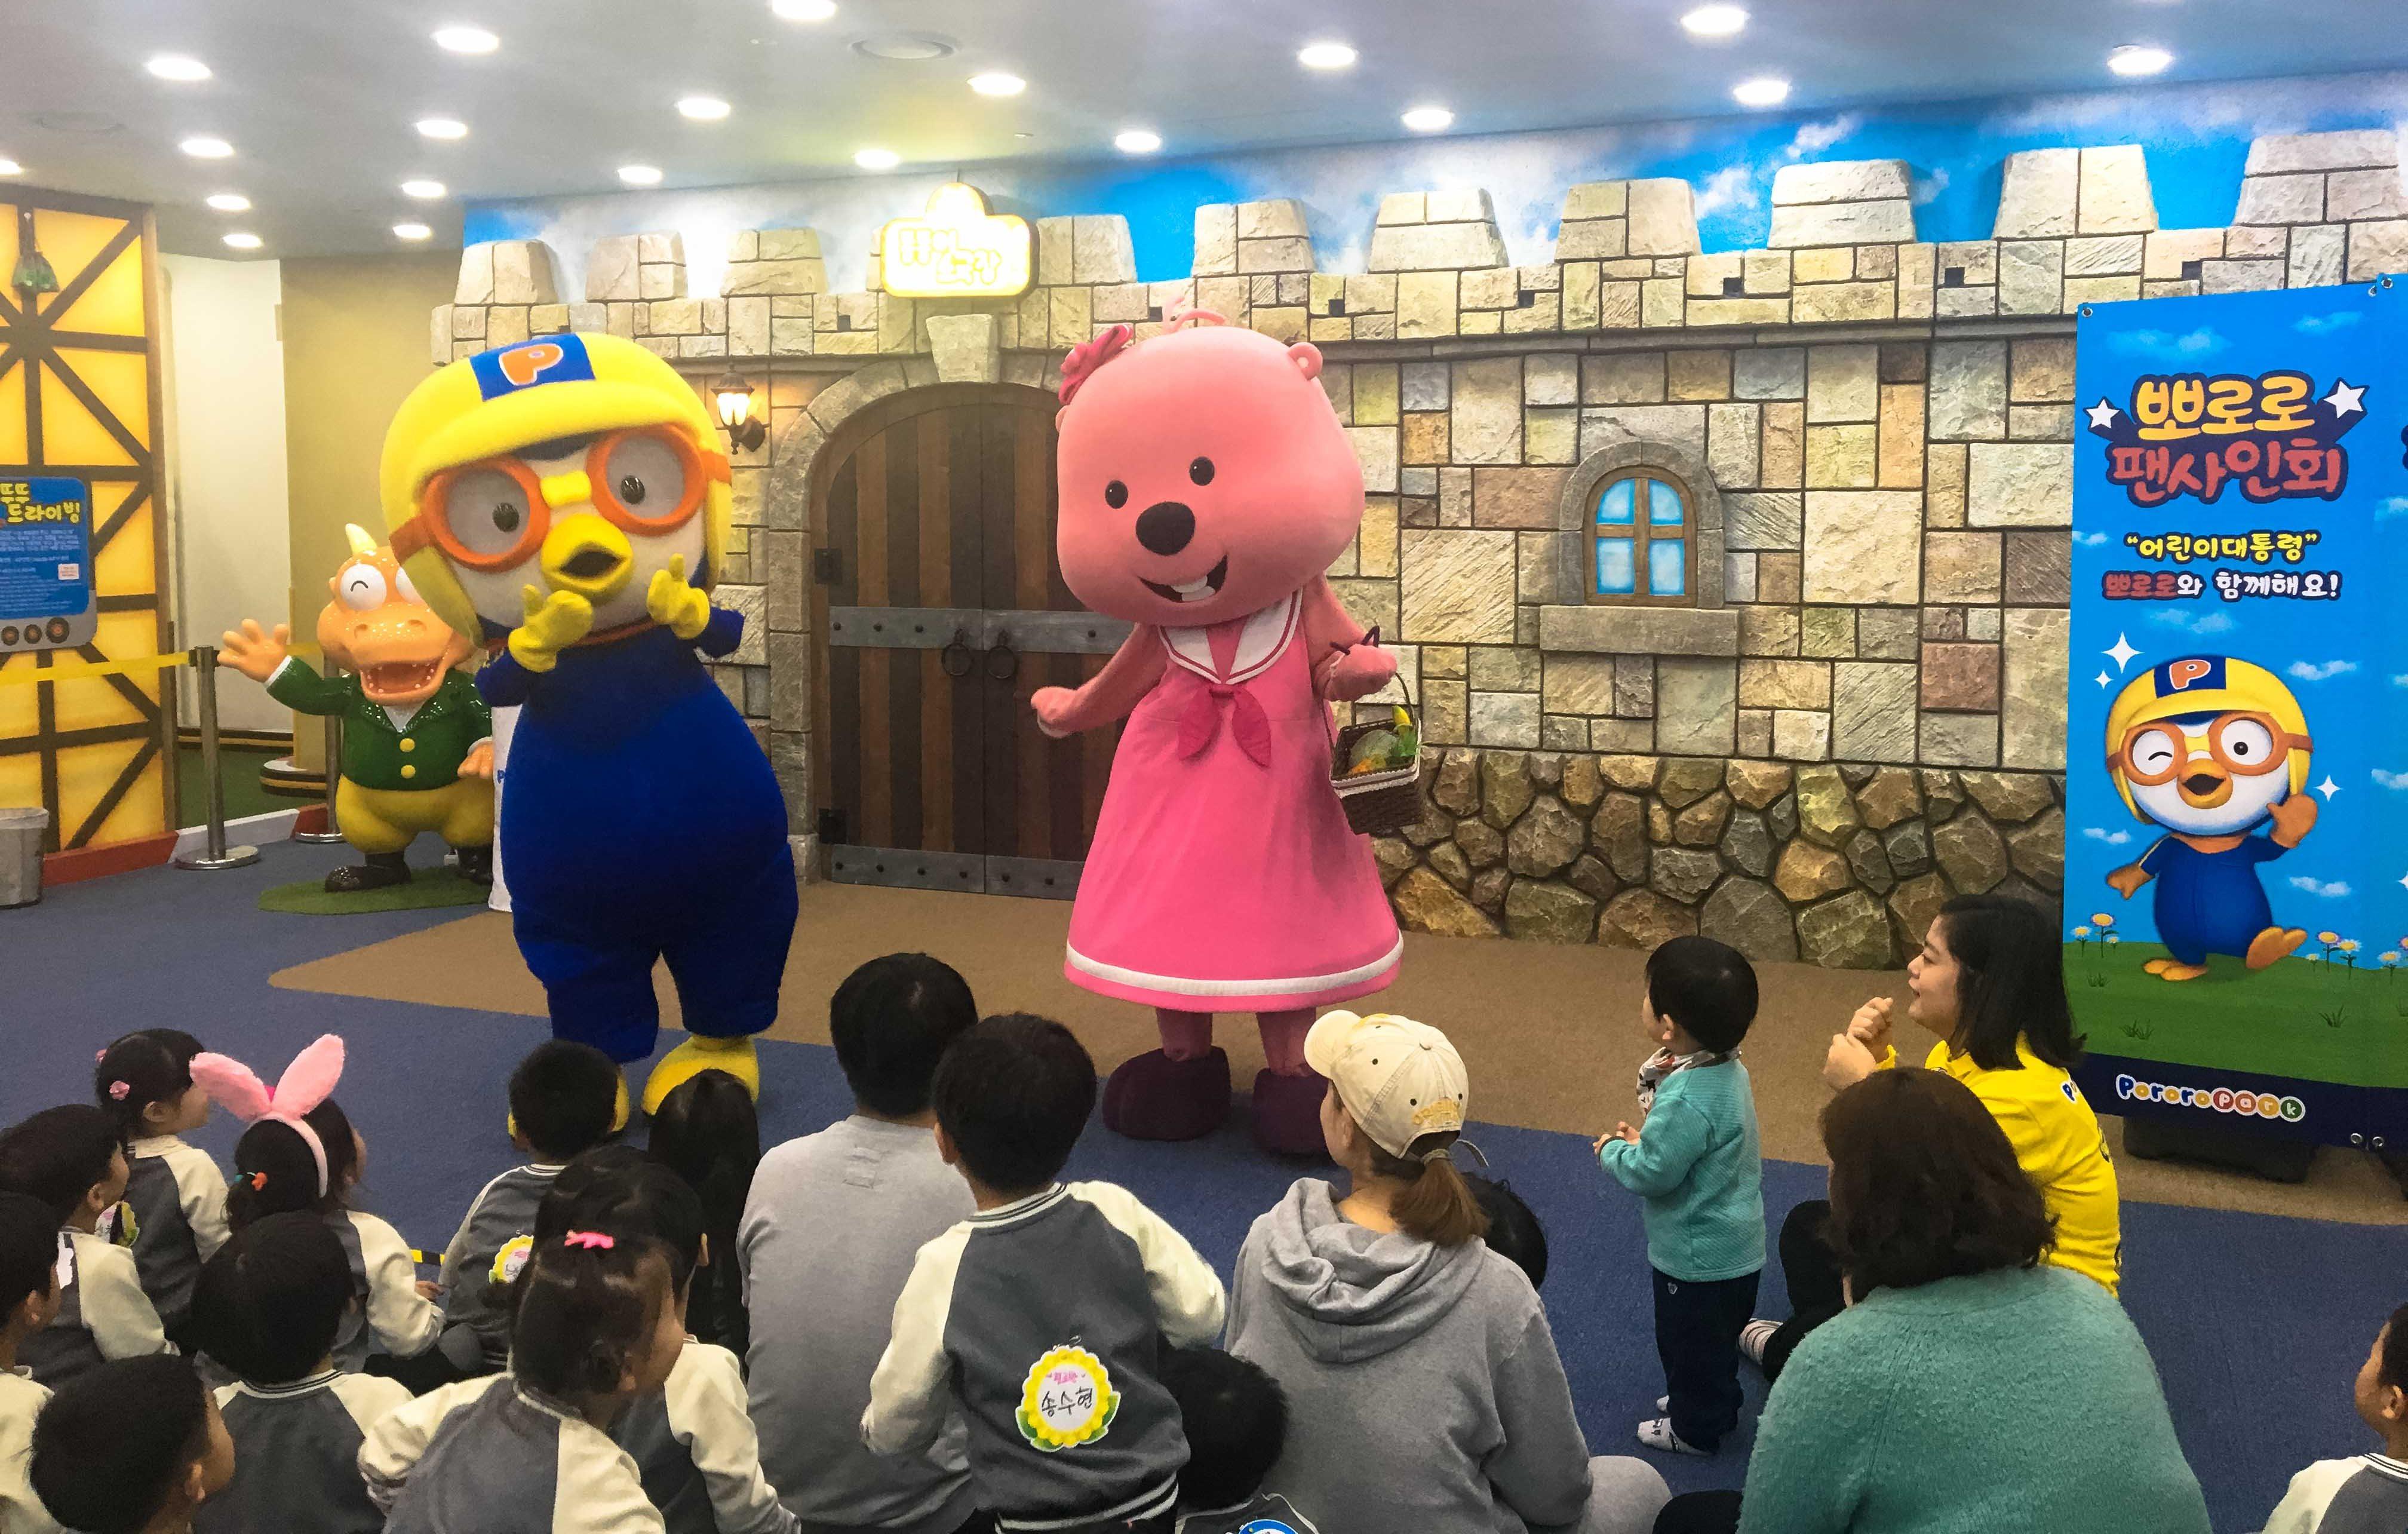 실내 놀이동산 '뽀로로 파크(일명 뽀팍)'는 아이들에겐 거의 천국과 같은 곳이다. 영상으로만 보던 뽀로로 실물을 만난 아이들은 시간 가는 줄 모르고 논다. ⓒ최원석